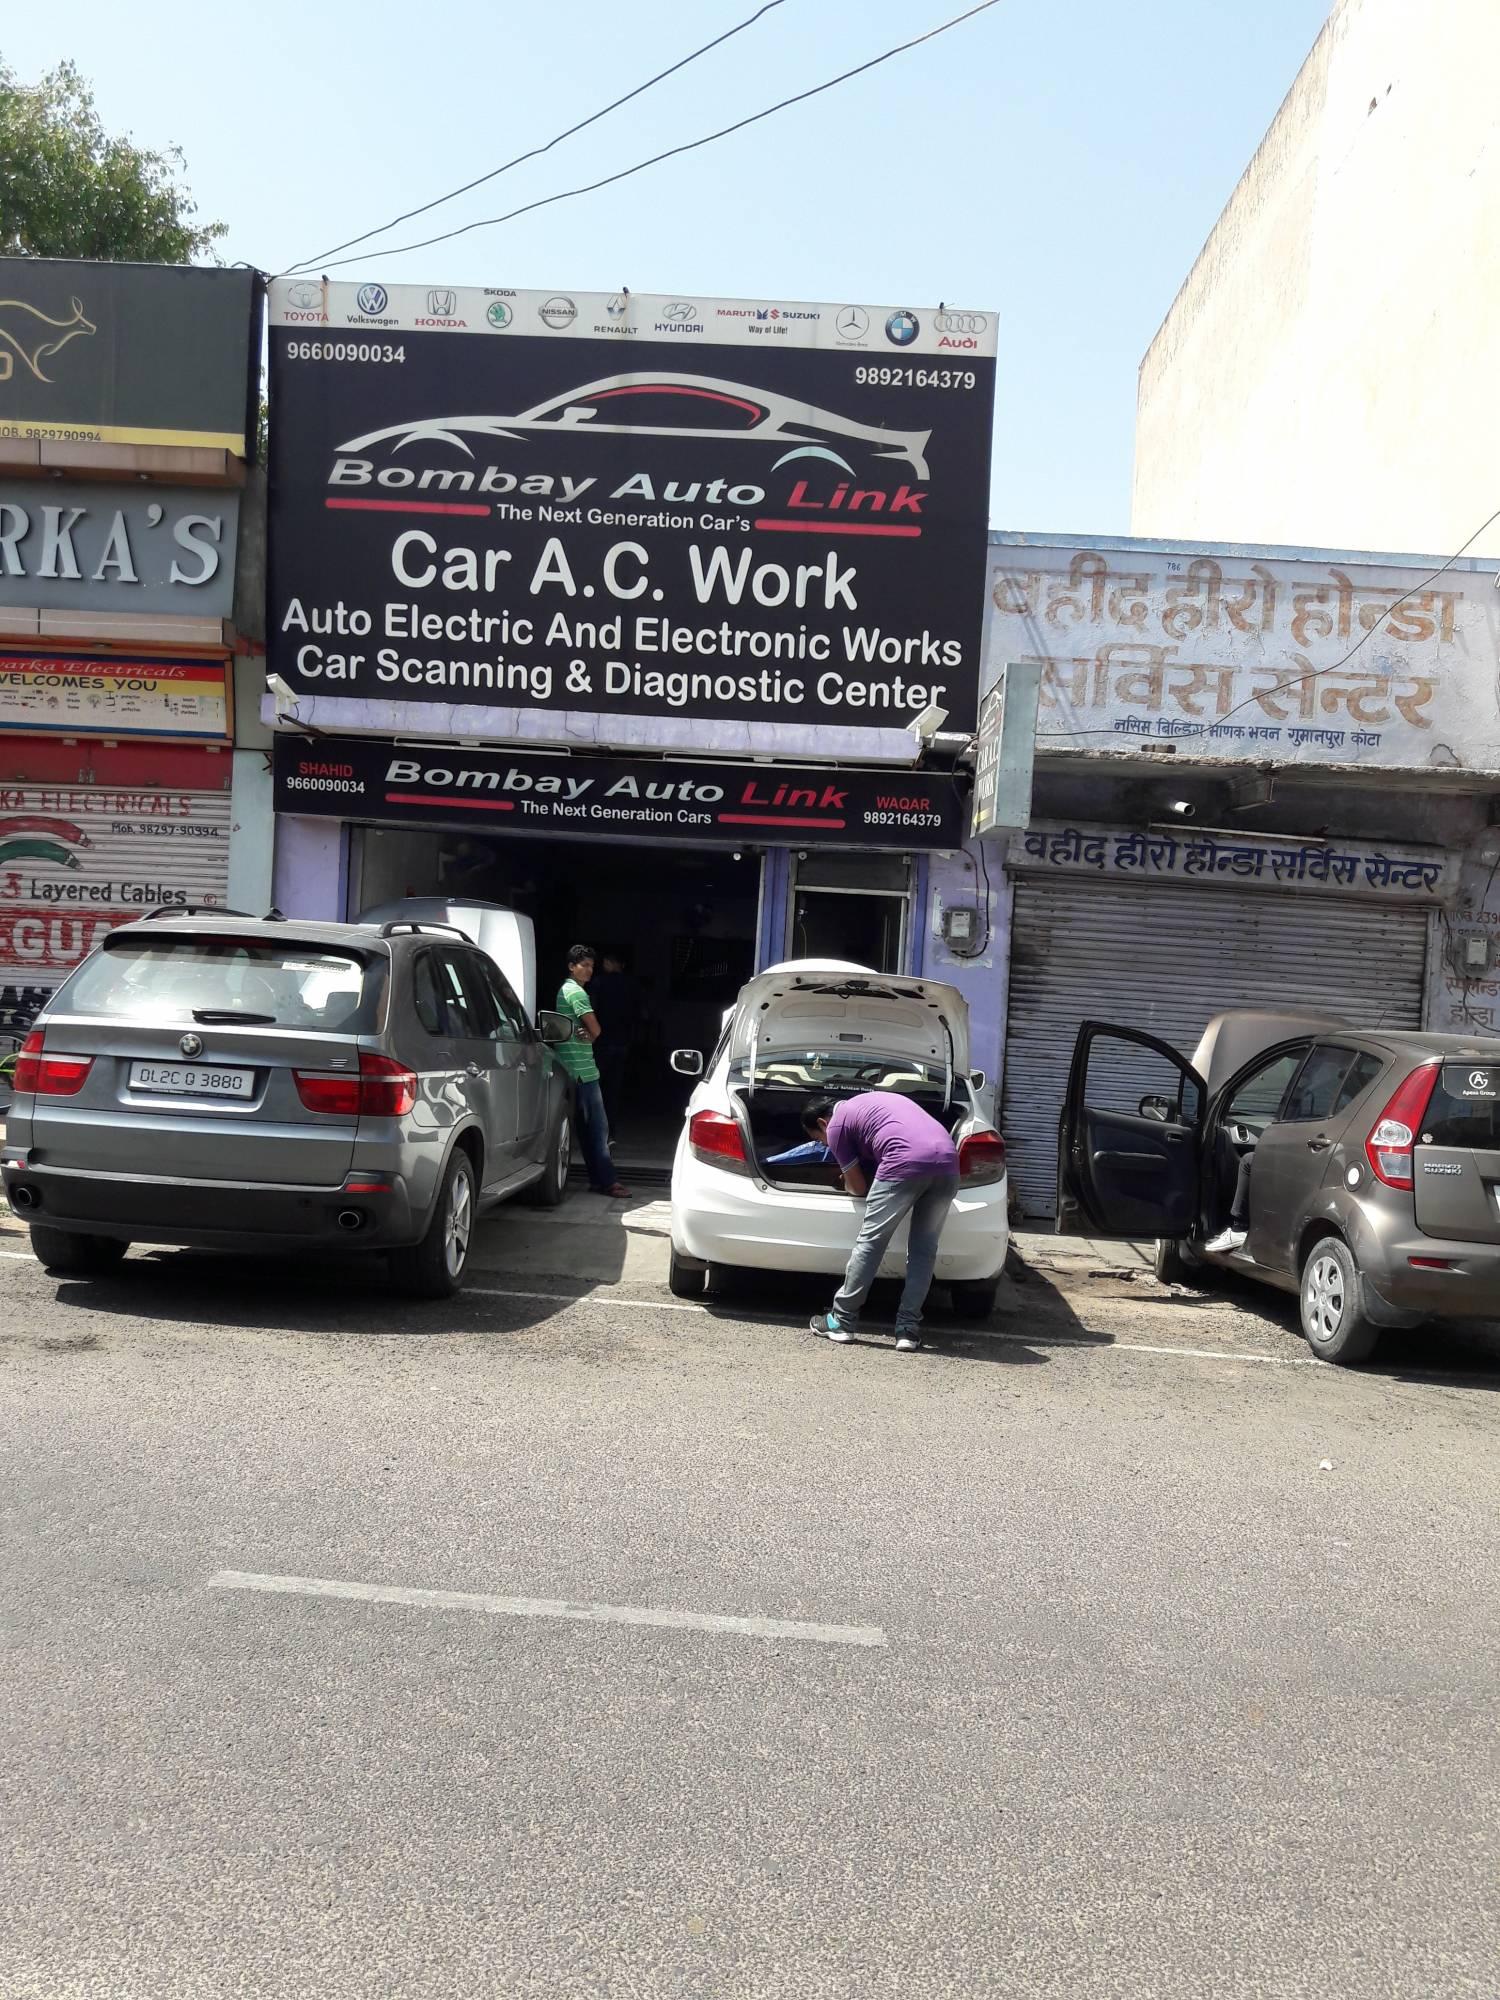 Top 100 Car Repair & Services in Kota-Rajasthan - Best Car Service